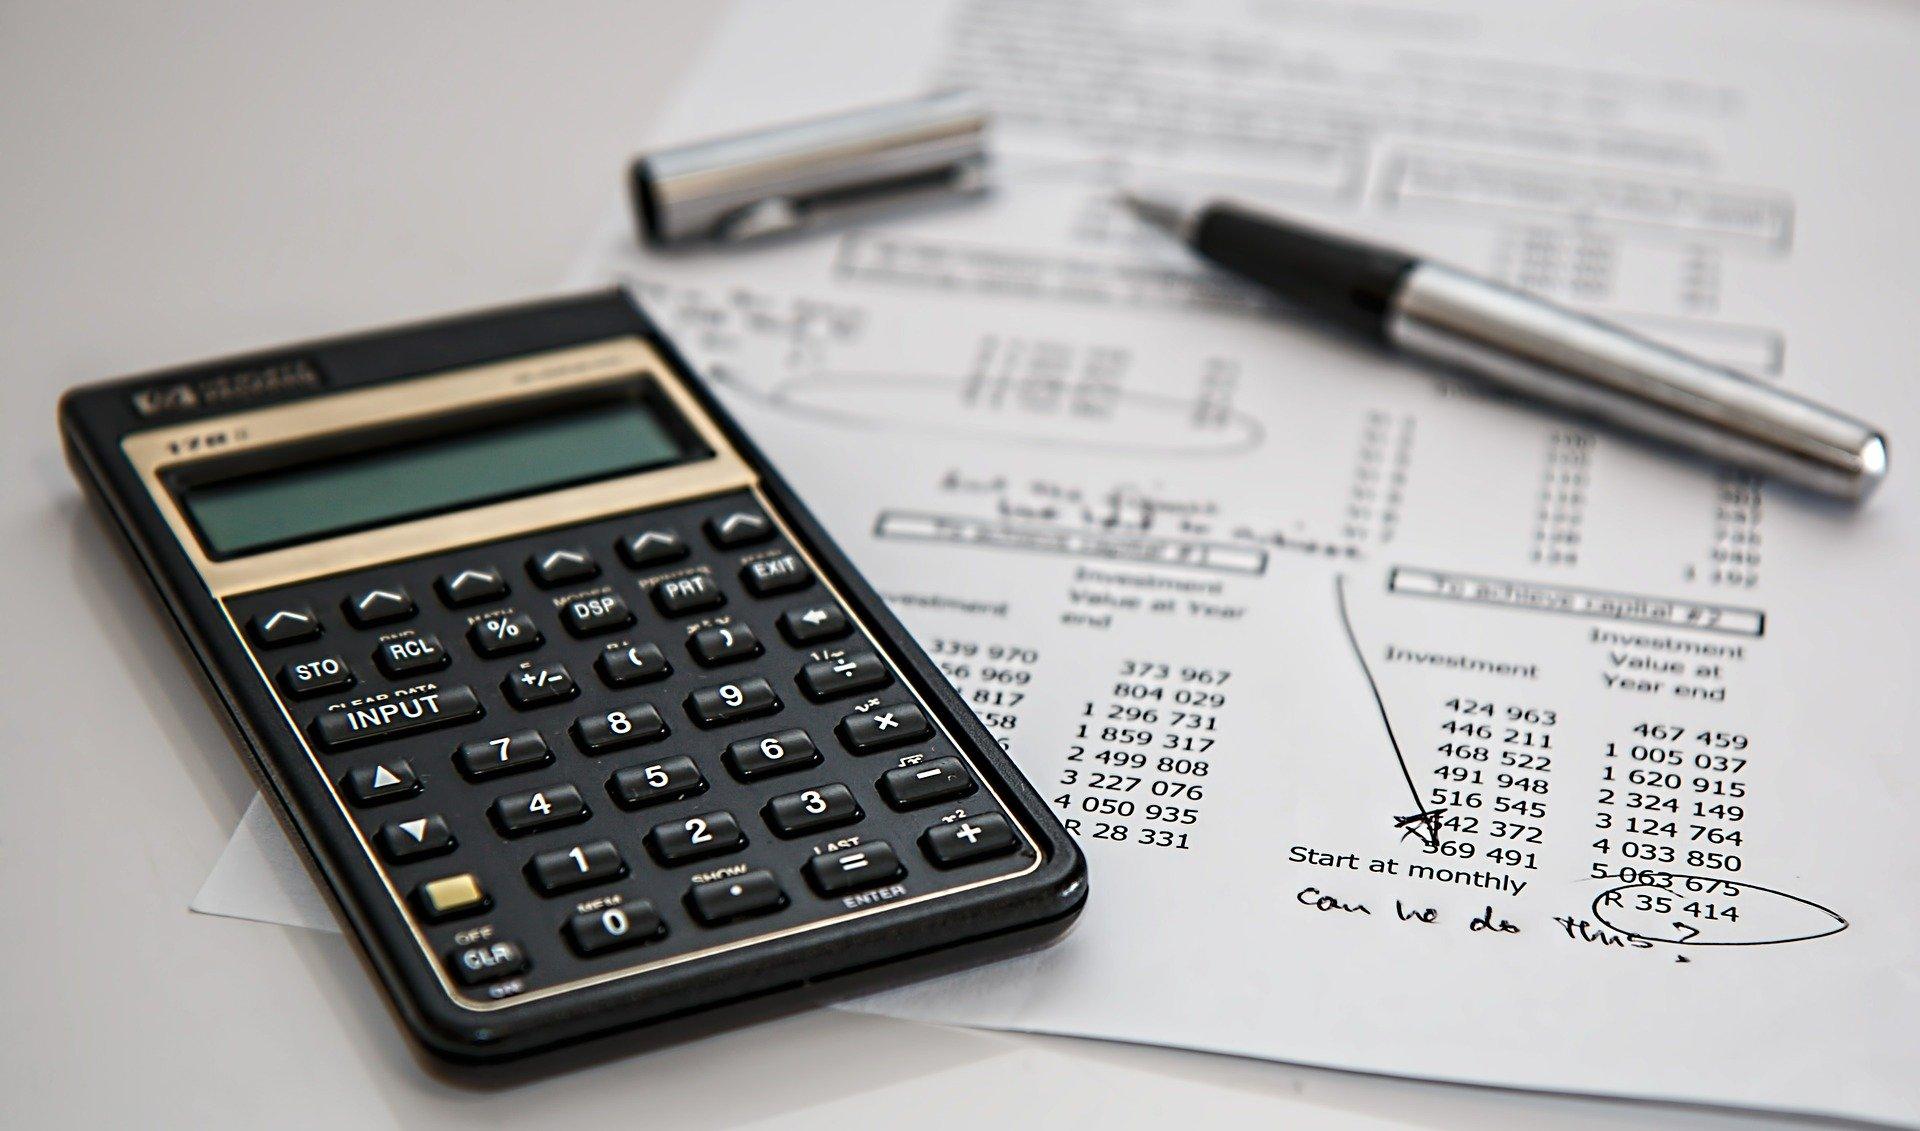 Imagem mostra uma calculadora sobre algumas folhas de papel com números.